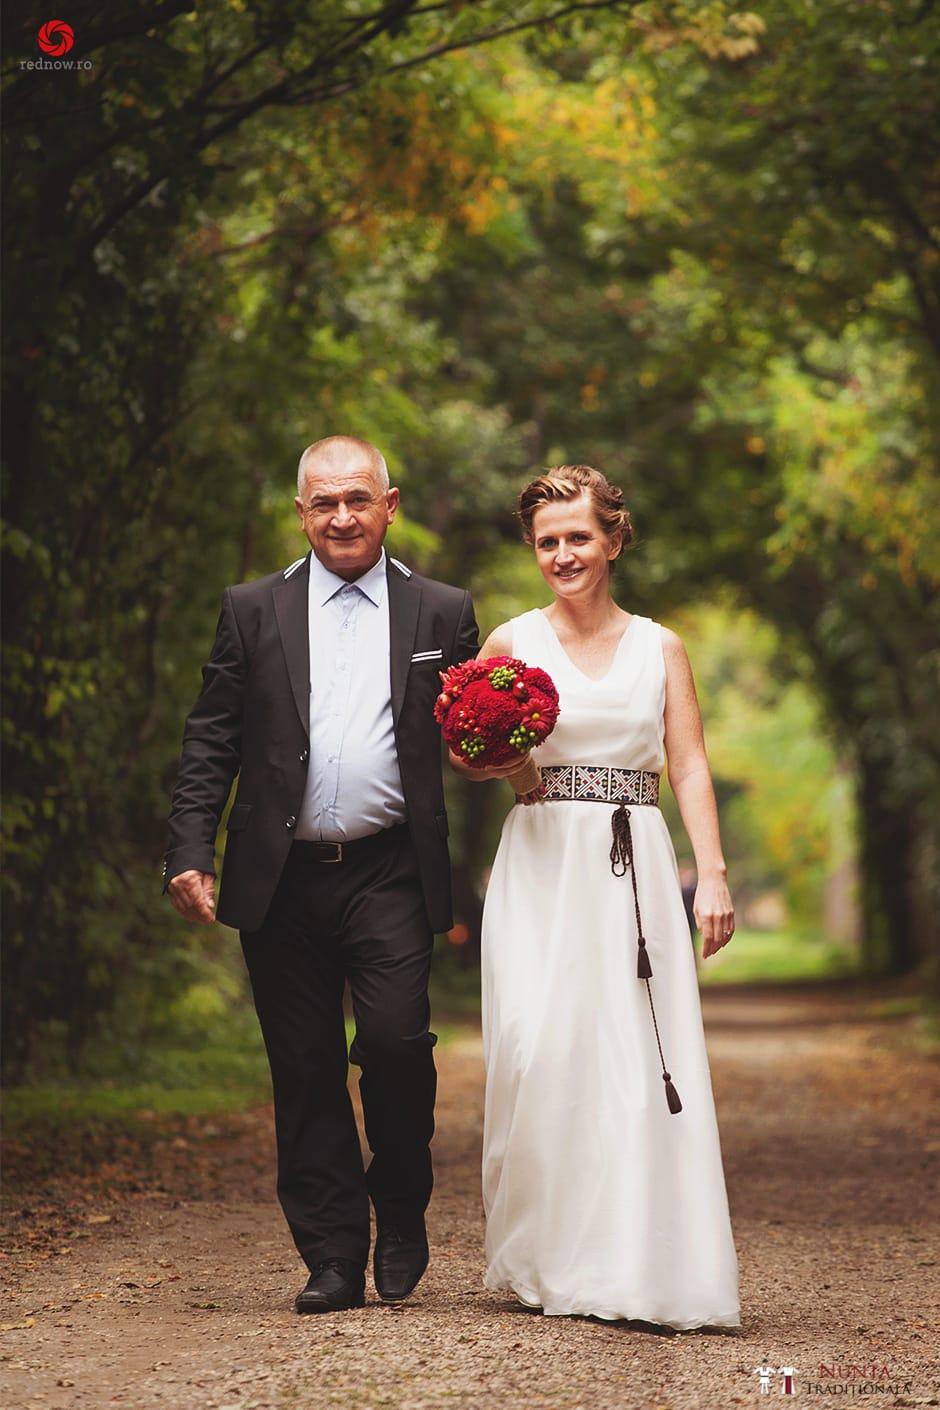 Povești Nunți Tradiționale - Ionatan și Andrea - Nuntă în Crișana. Să ne îmbătăm cu veselia nunții, în culorile toamnei 86